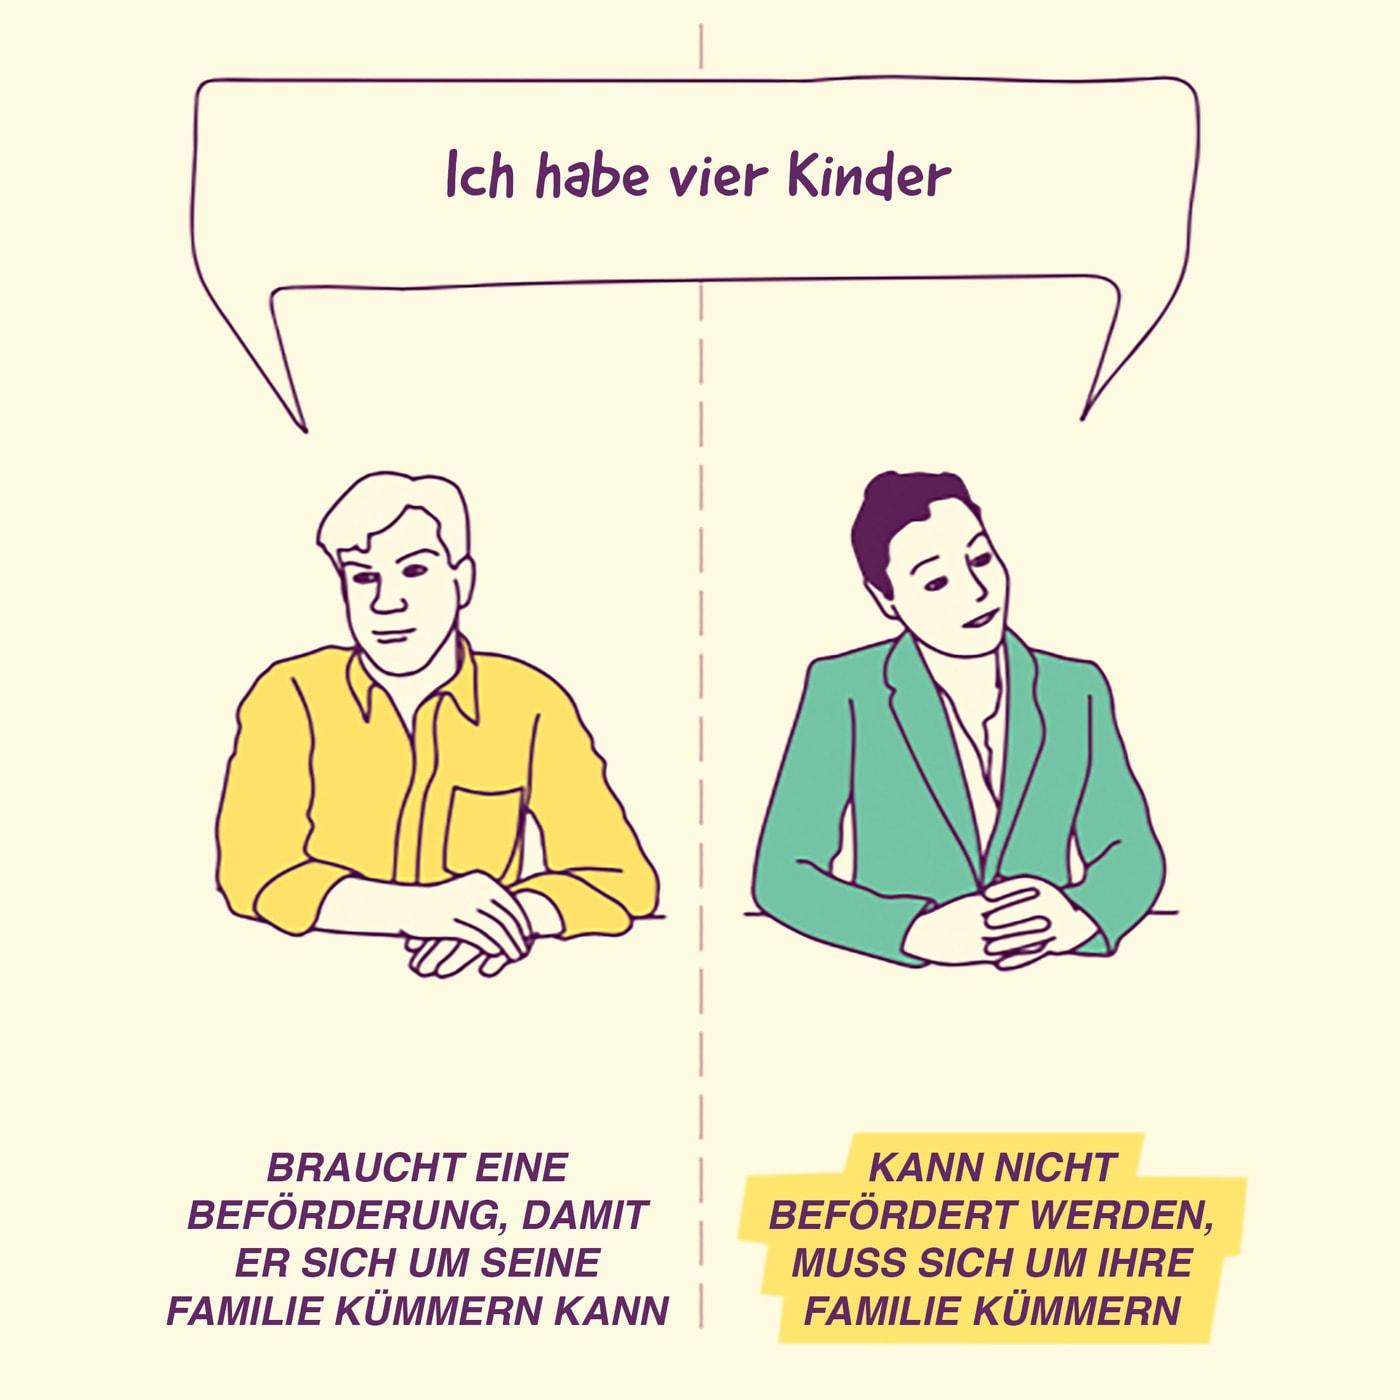 Buctipp zum Internationalen Frauentag: Wie du erfolgreich wirst ohne die Gefuehle von Maennern zu verletzen von Sarah Cooper// HIMBEER